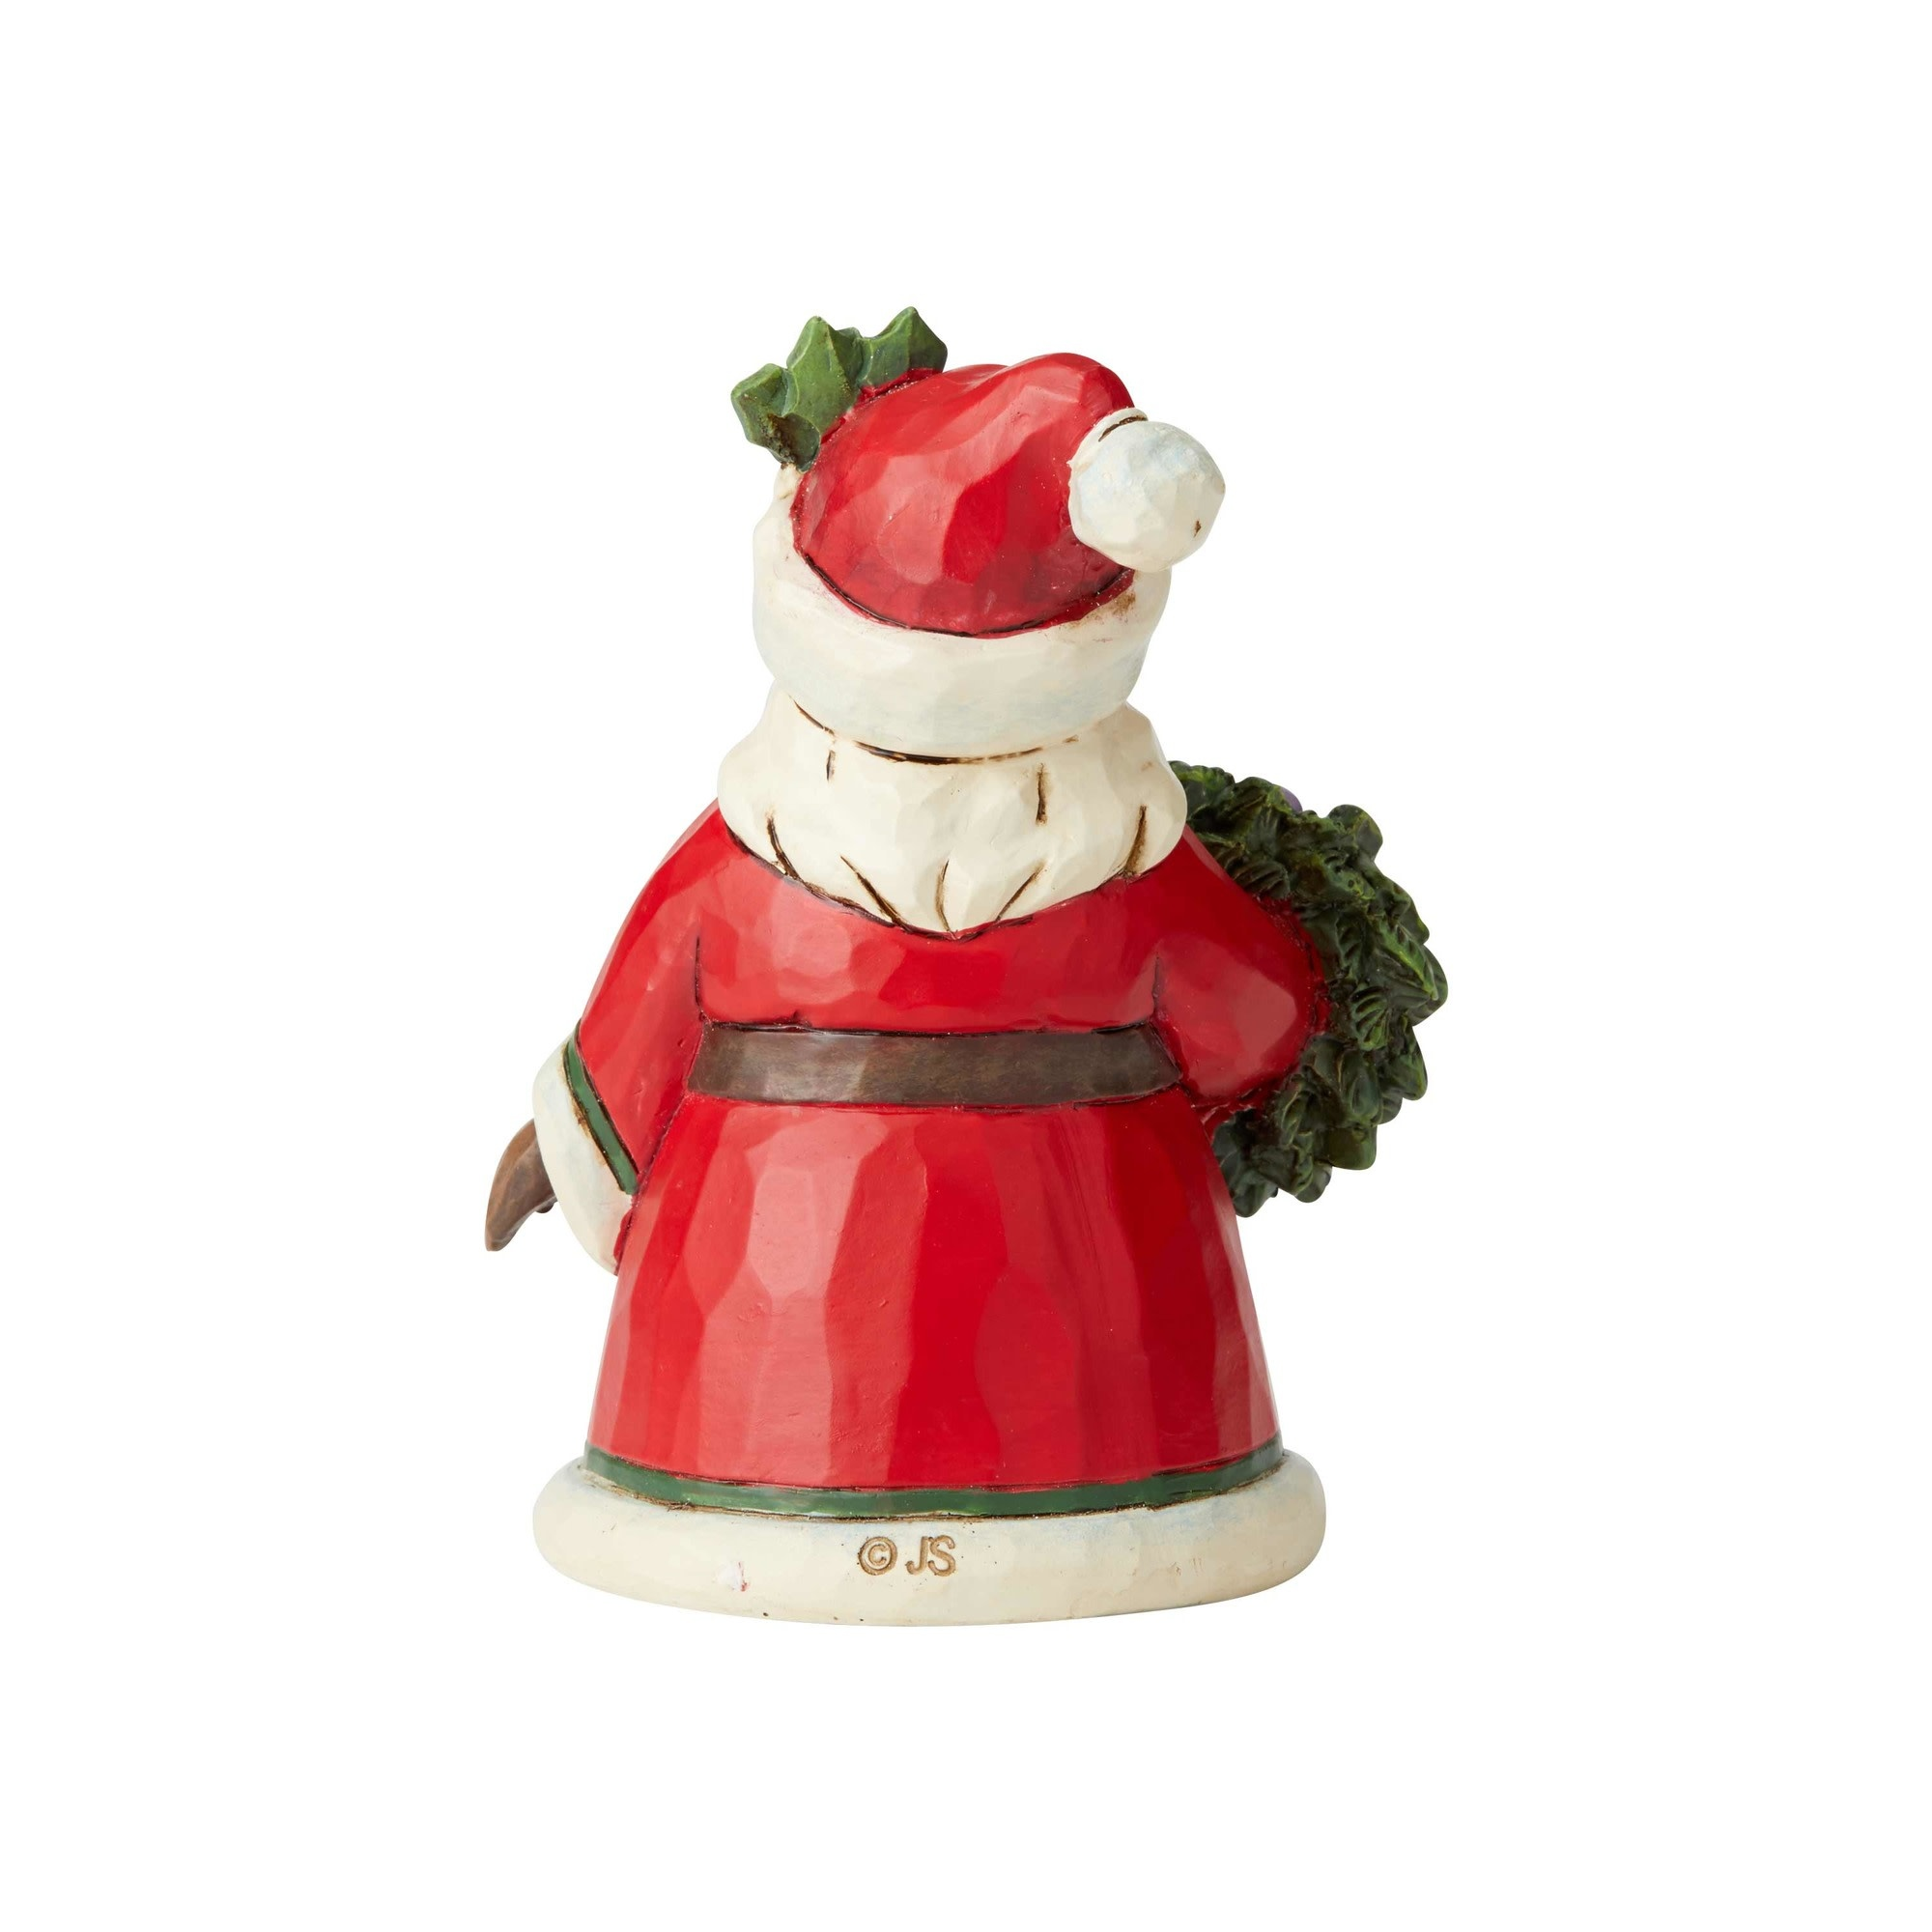 Jim Shore Mini Santa Holding Wreath